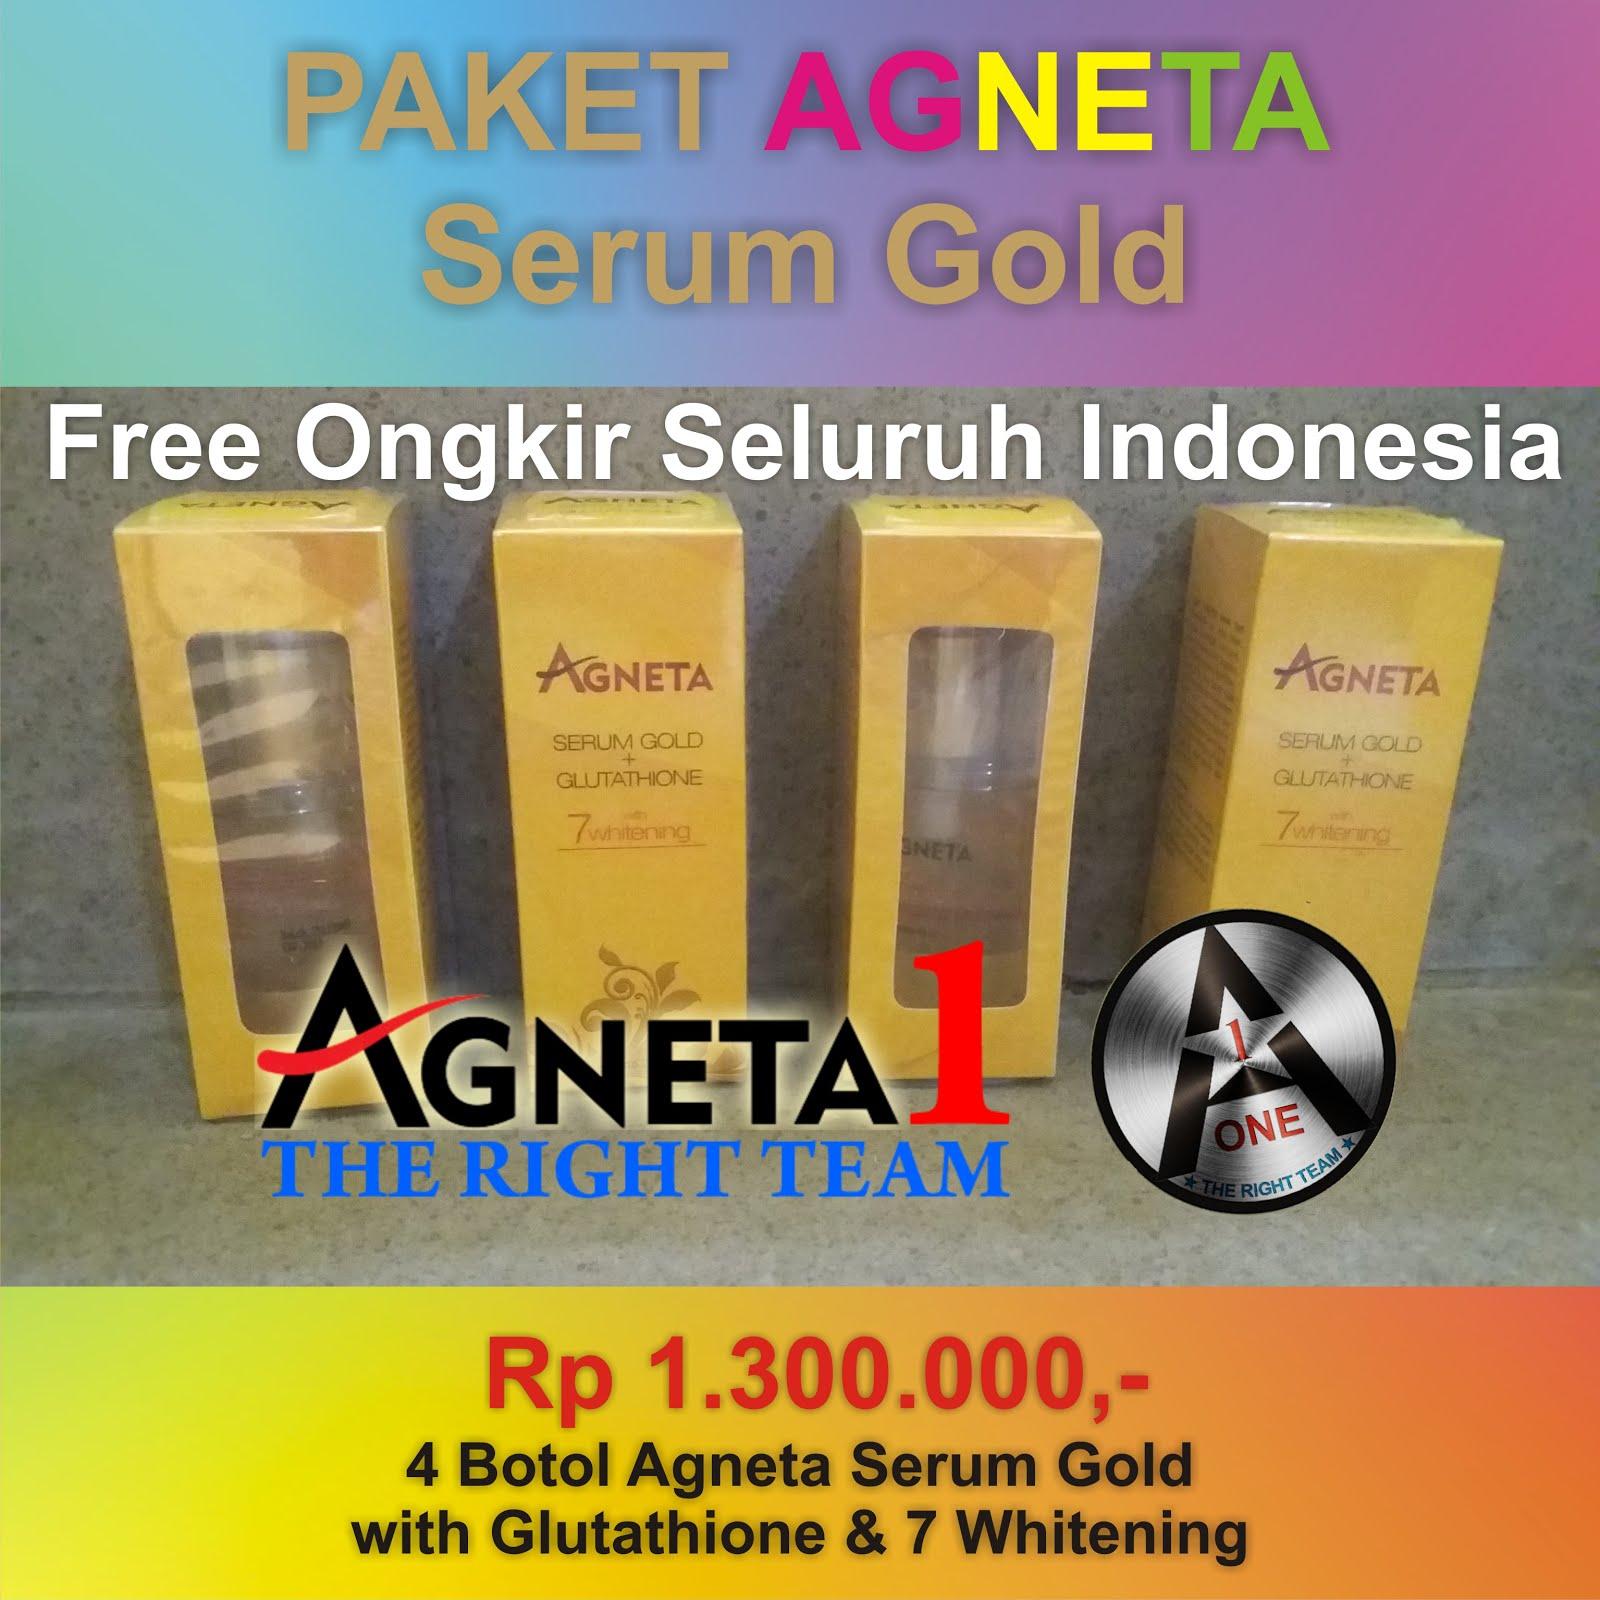 Paket Agneta Serum Gold